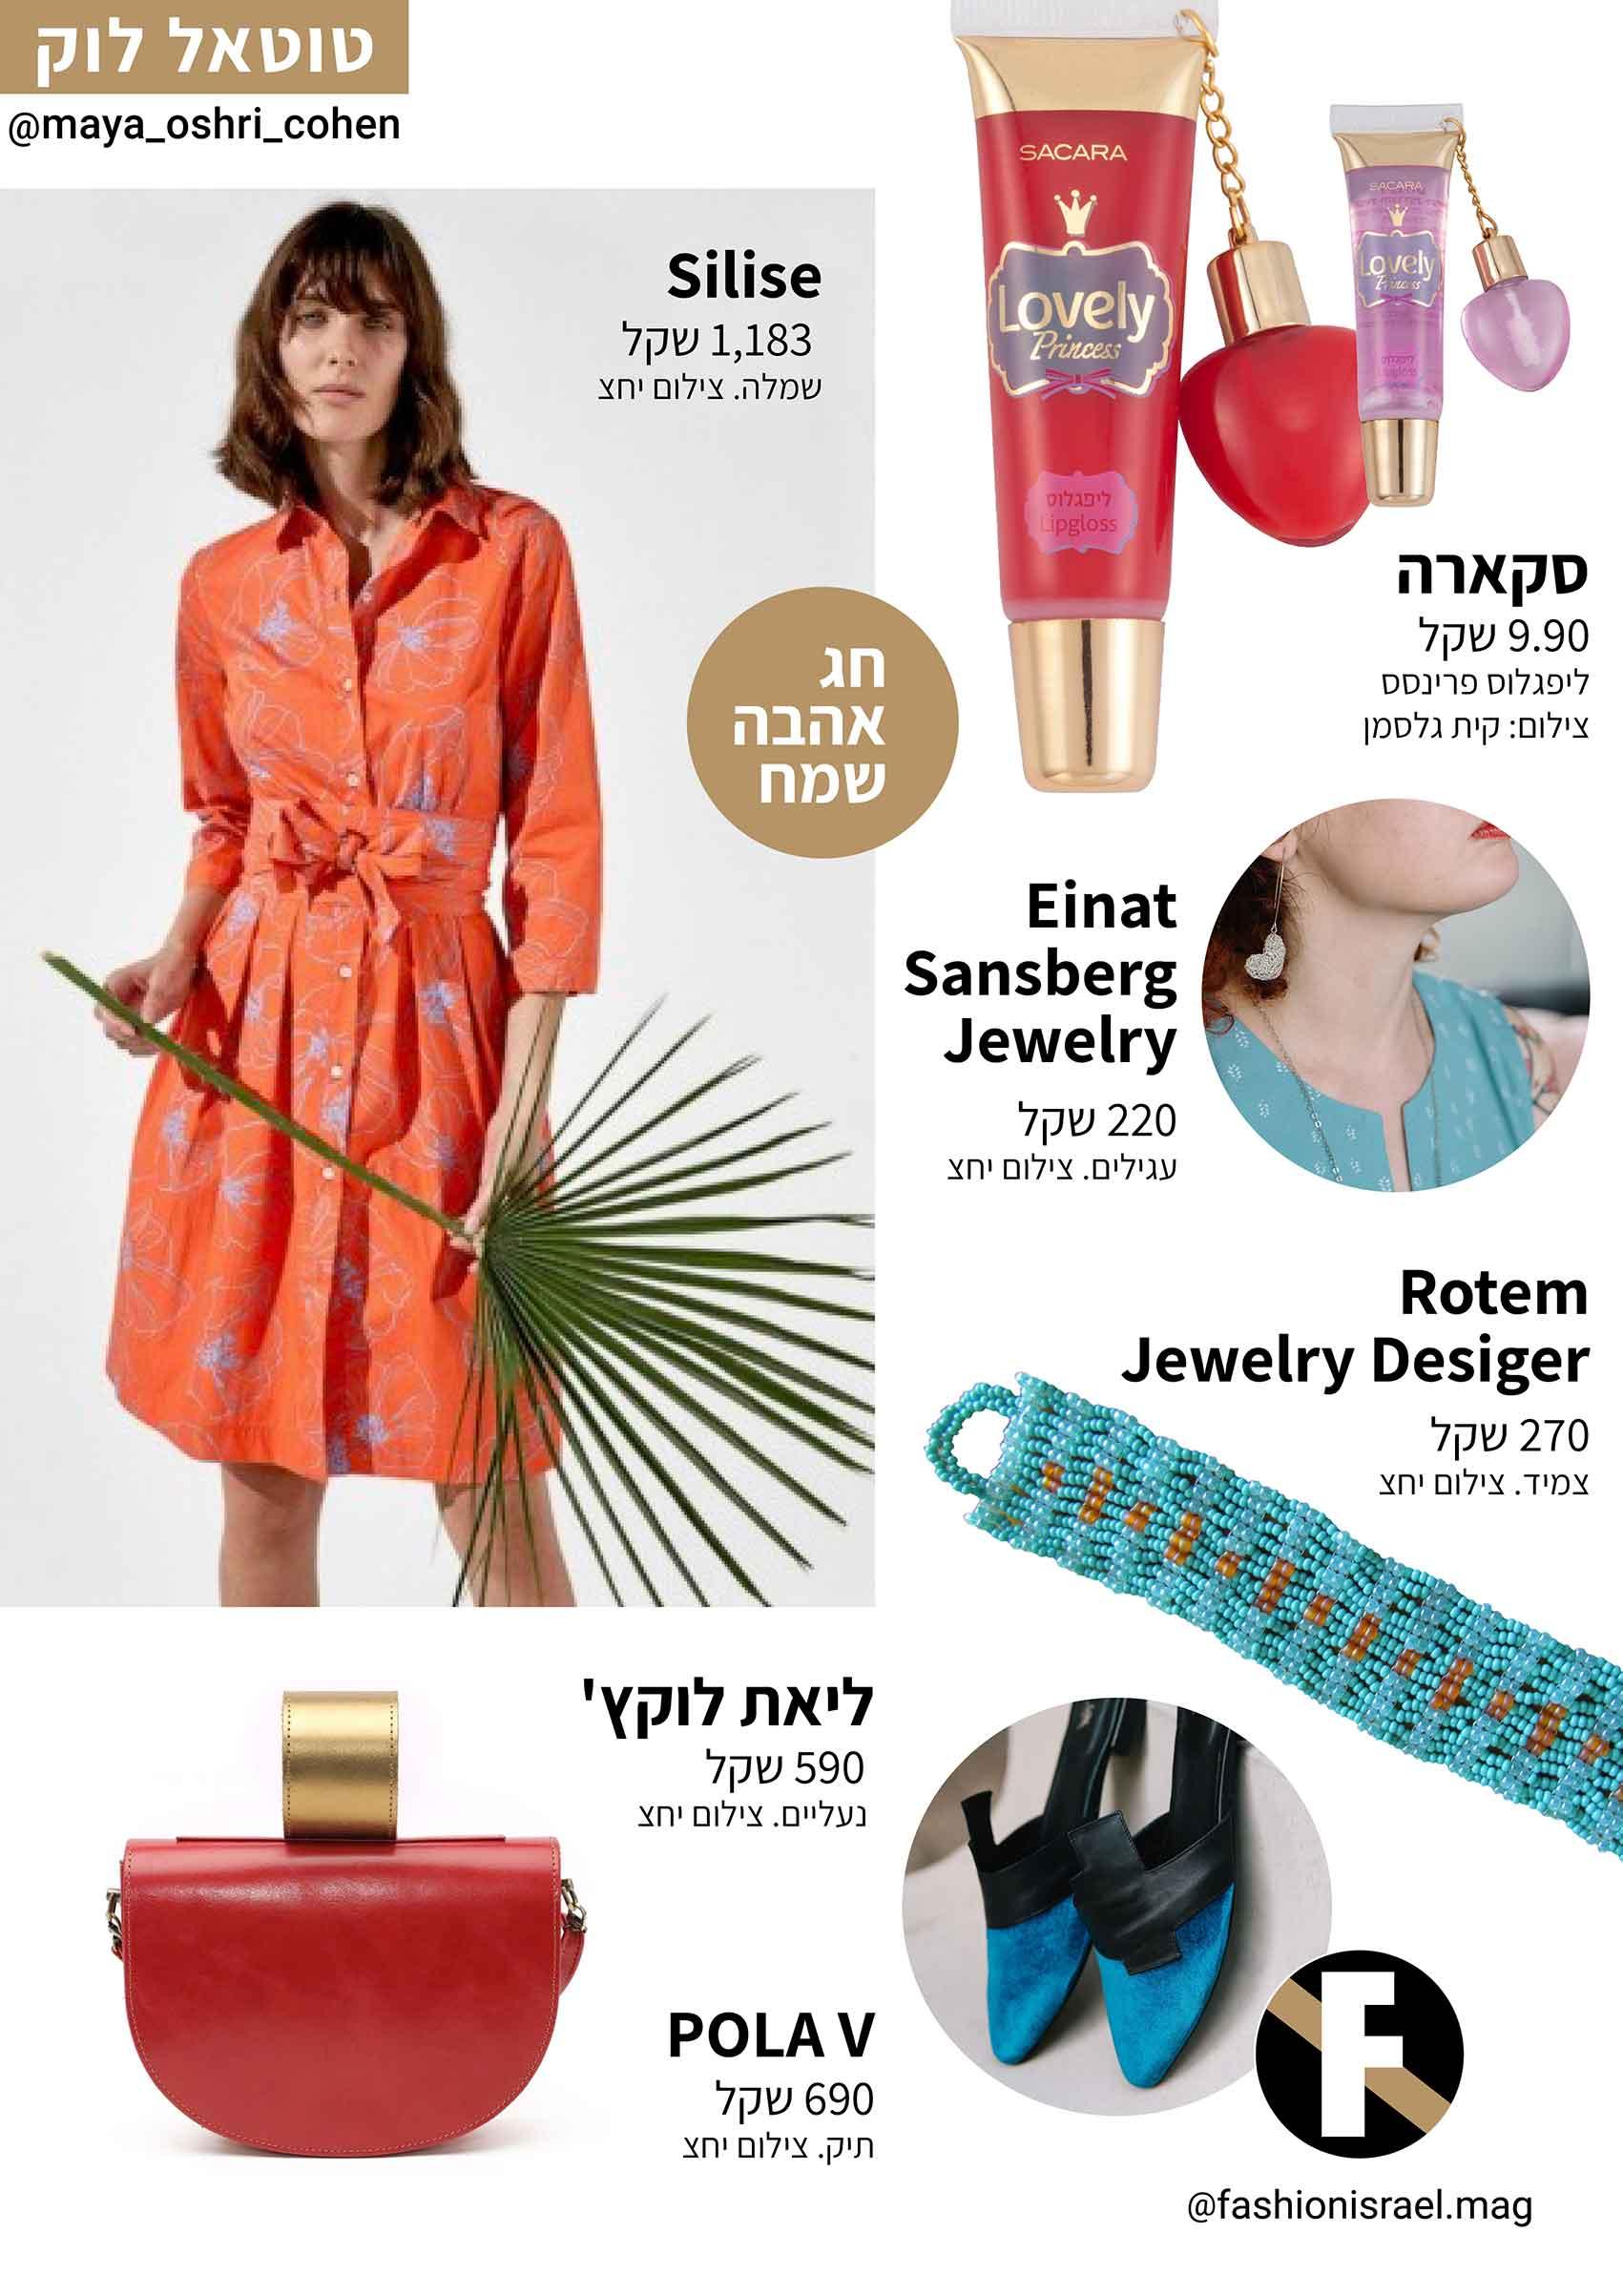 אופנה-טוטאל-לוק-חג-האהבה-טו-באב--ביוטי-איפור-טרנדים-סטייל-אופנת-נשים-מגזין-אופנה